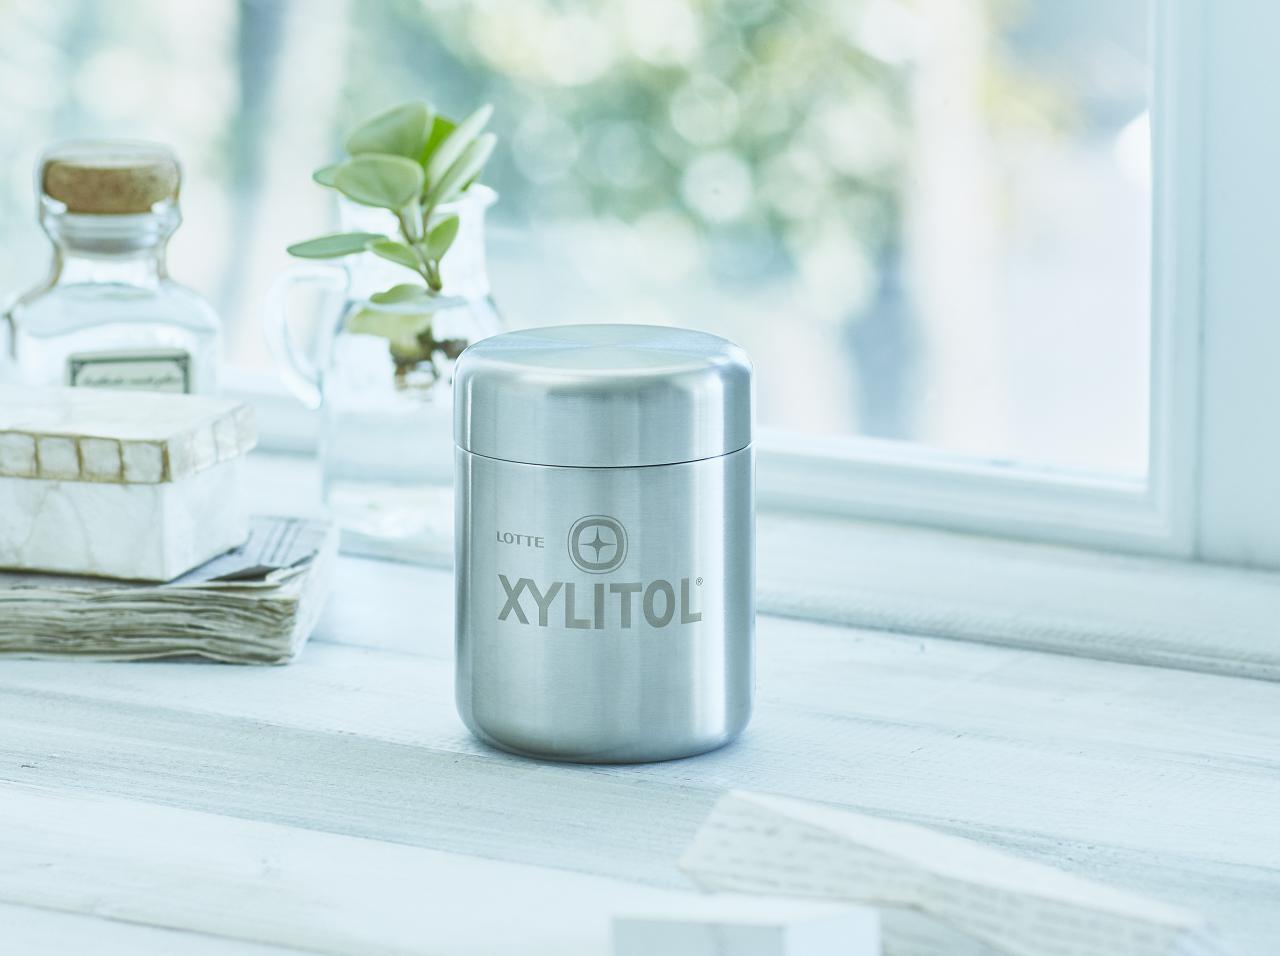 画像: 耐久性とデザインのこだわりが詰まった容器